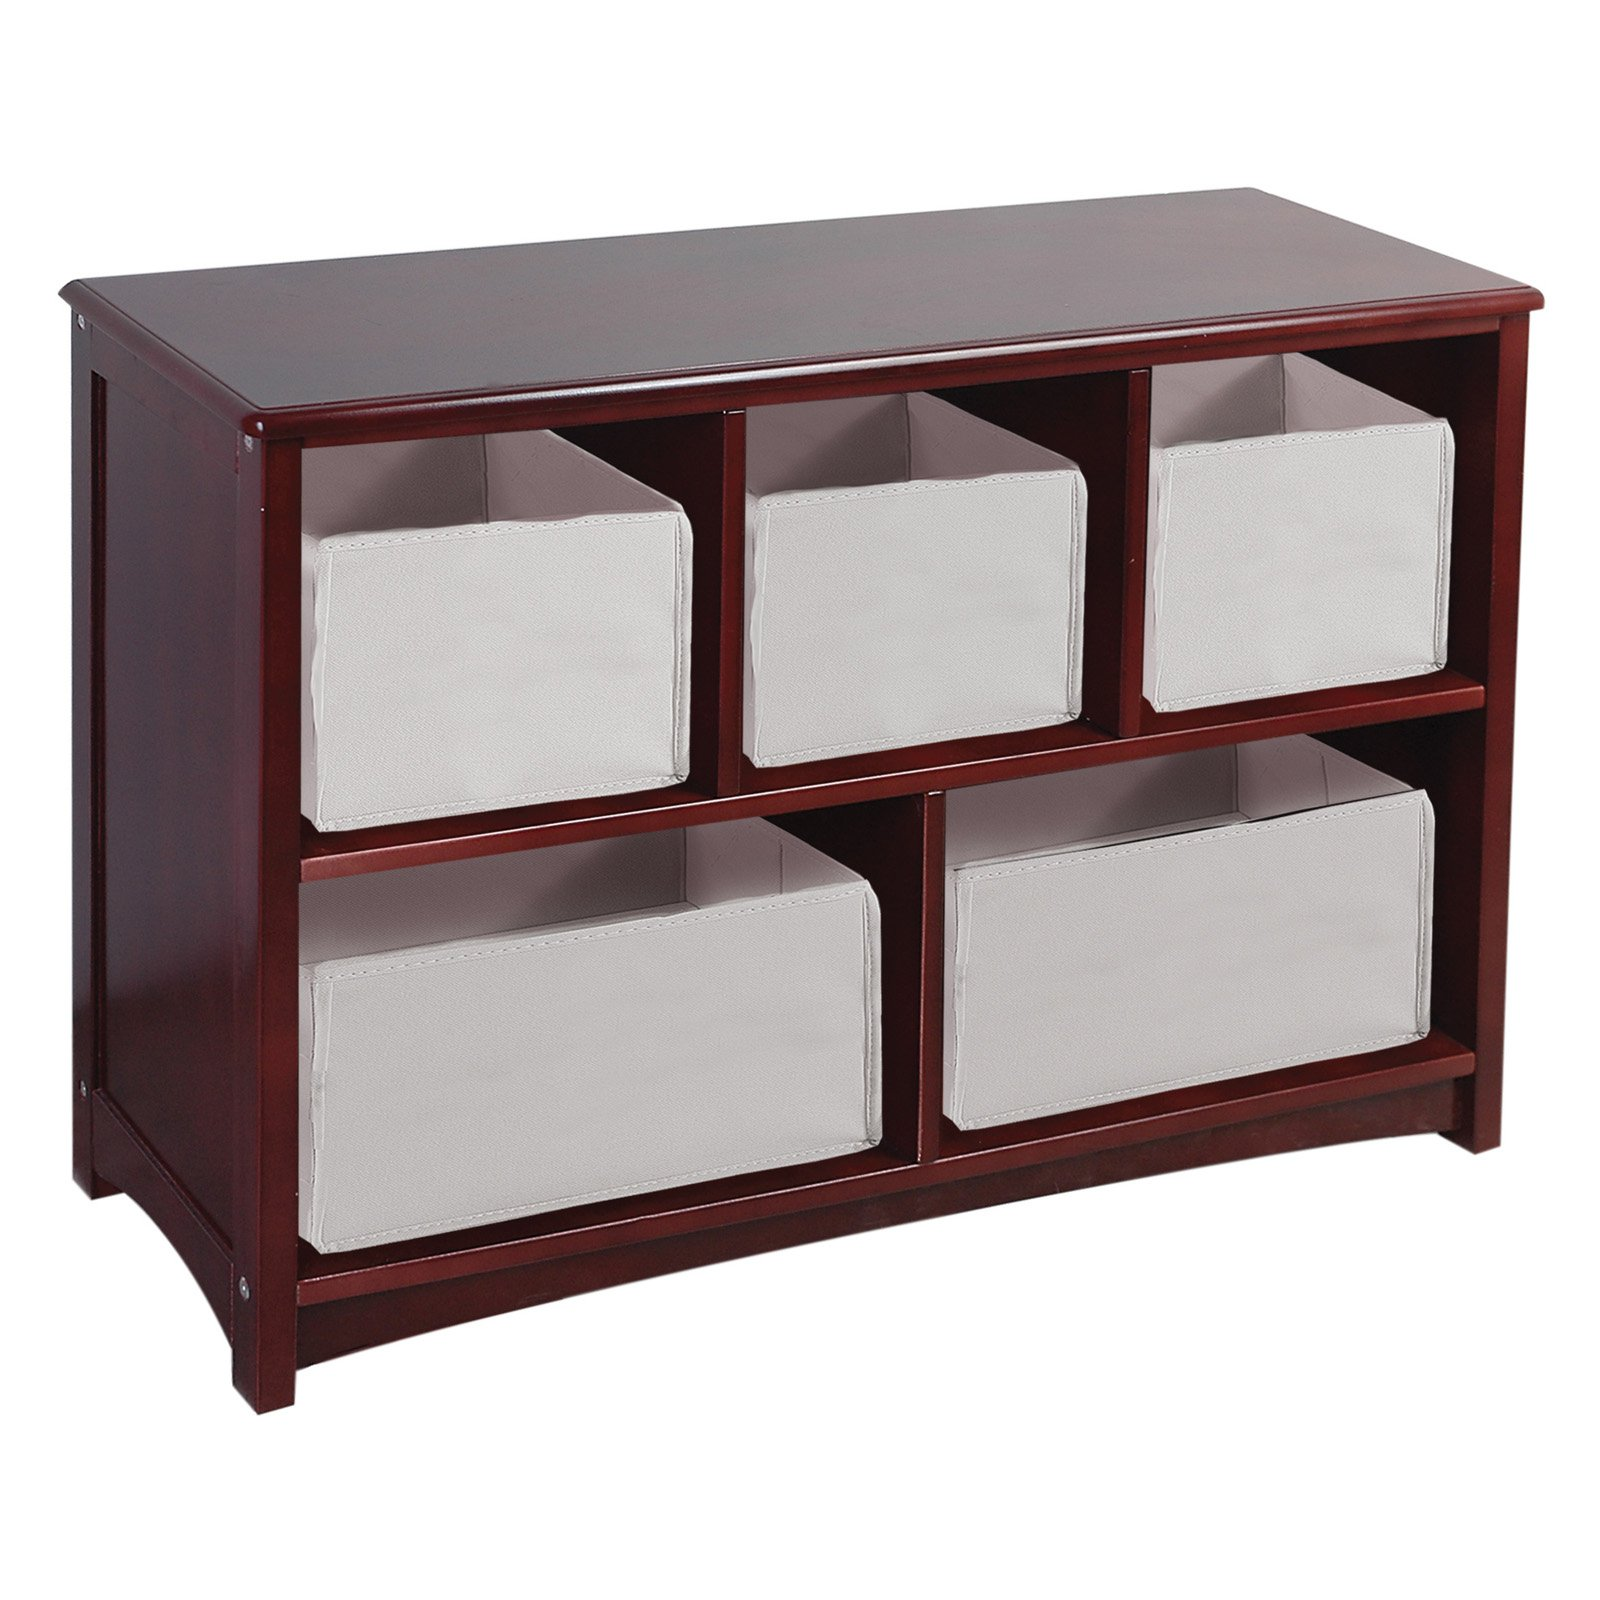 Guidecraft Classic Espresso Bookshelf - Walmart.com